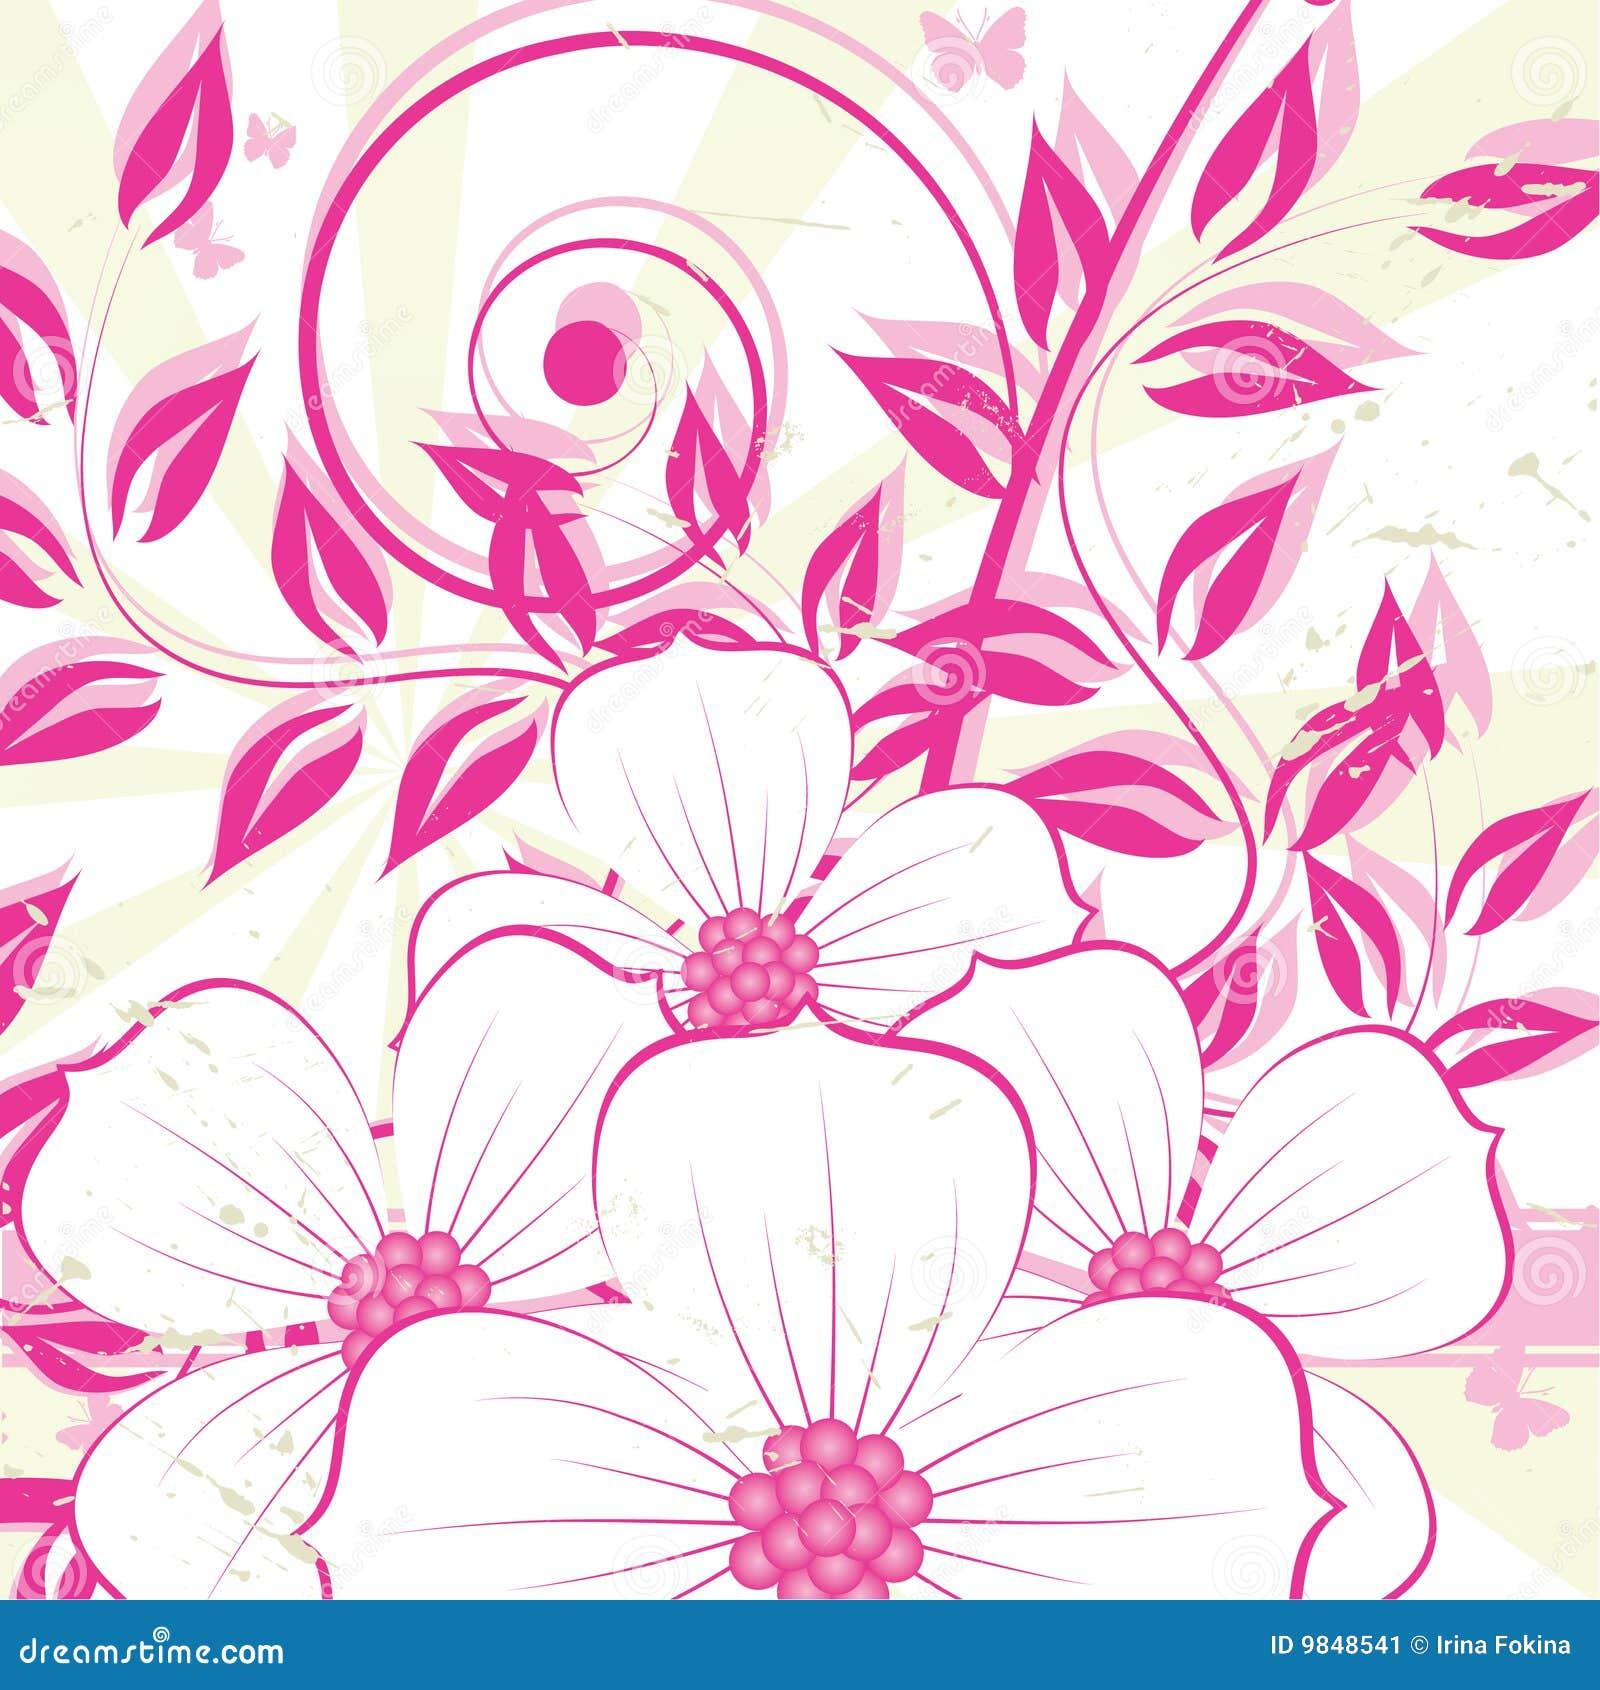 Nice Flower Grunge Background Stock Image